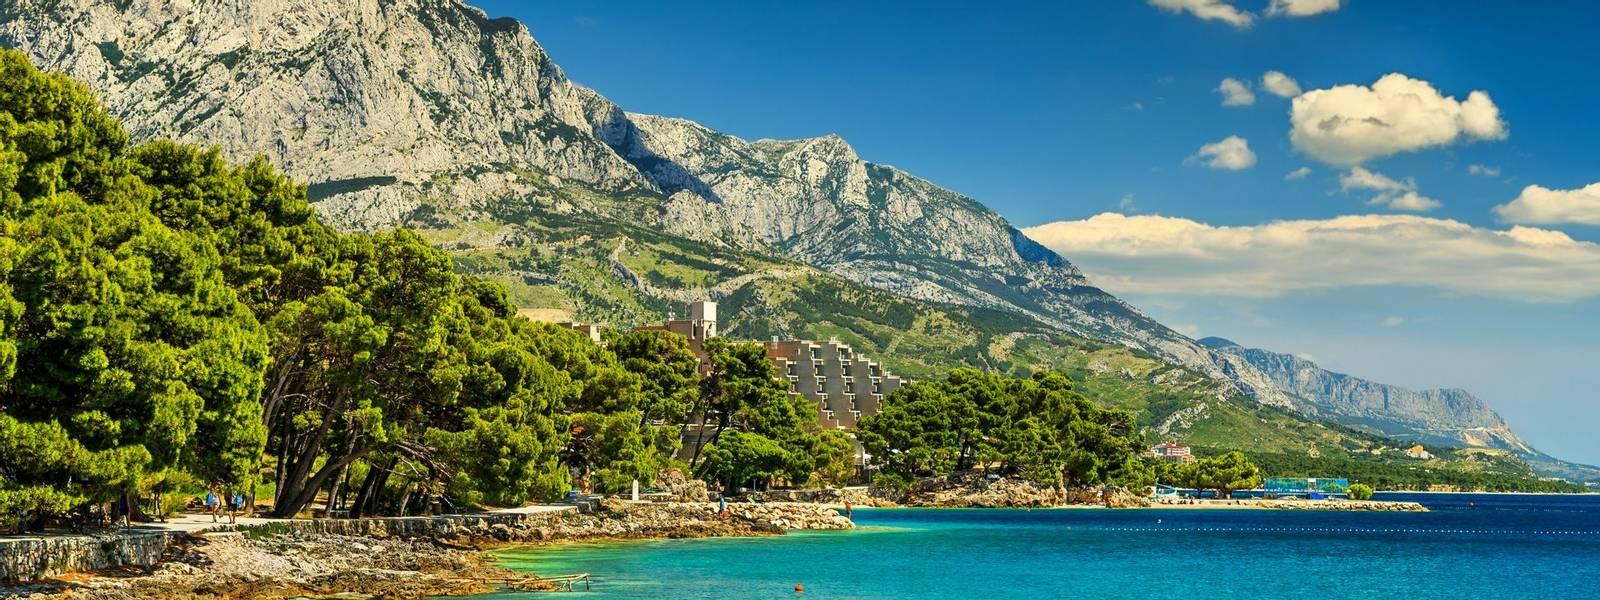 Beautiful bay and beach,Brela,Makarska riviera,Dalmatia,Croatia,Europe